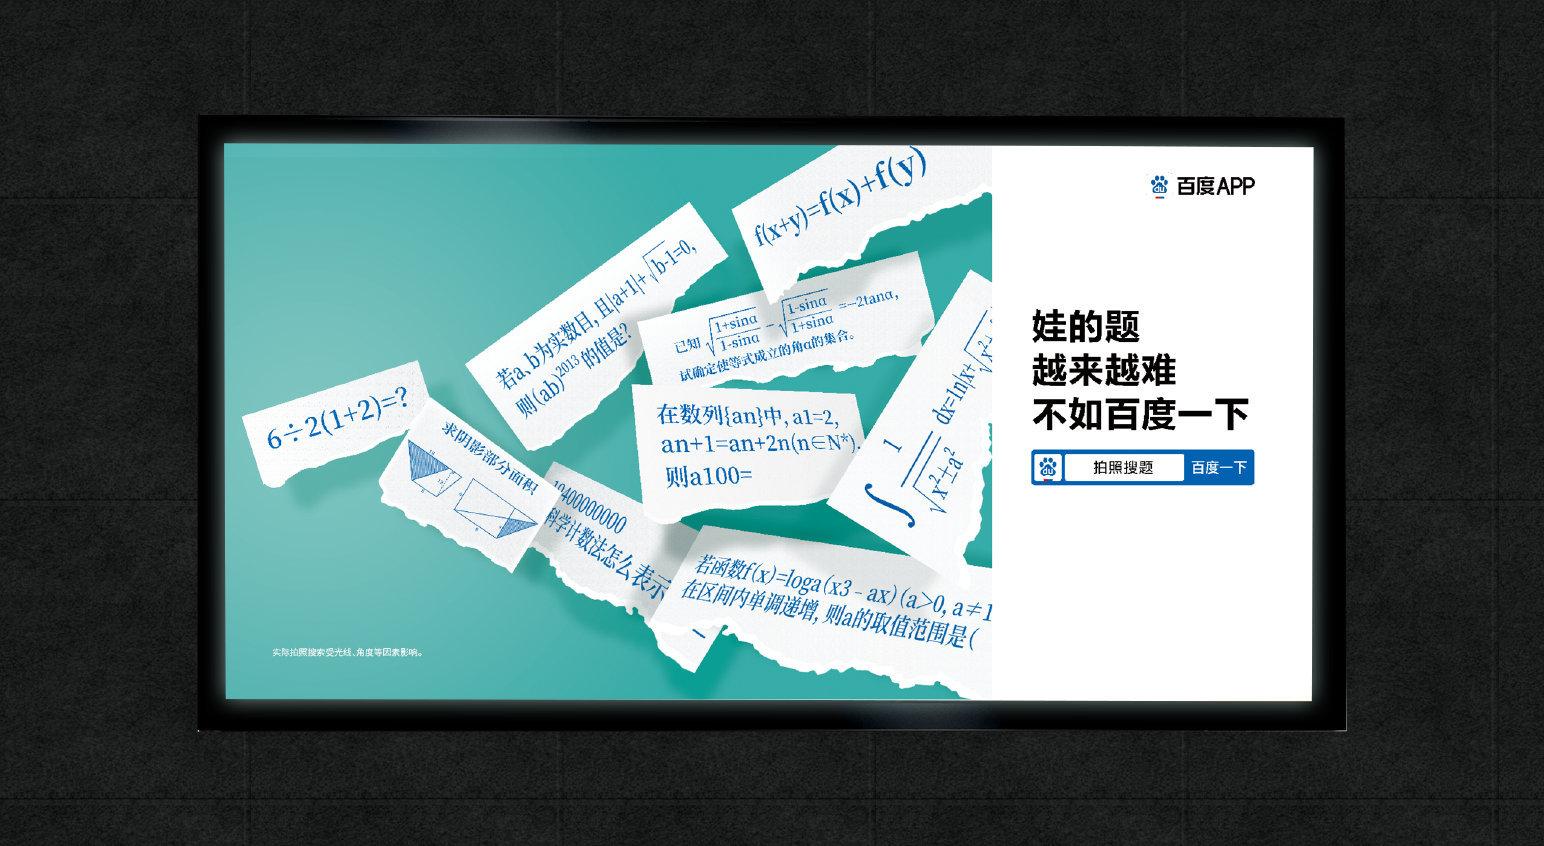 百度最近在杭州地铁1号线投放了一组户外广告,把网友们的生活现状简单直观地呈现出来